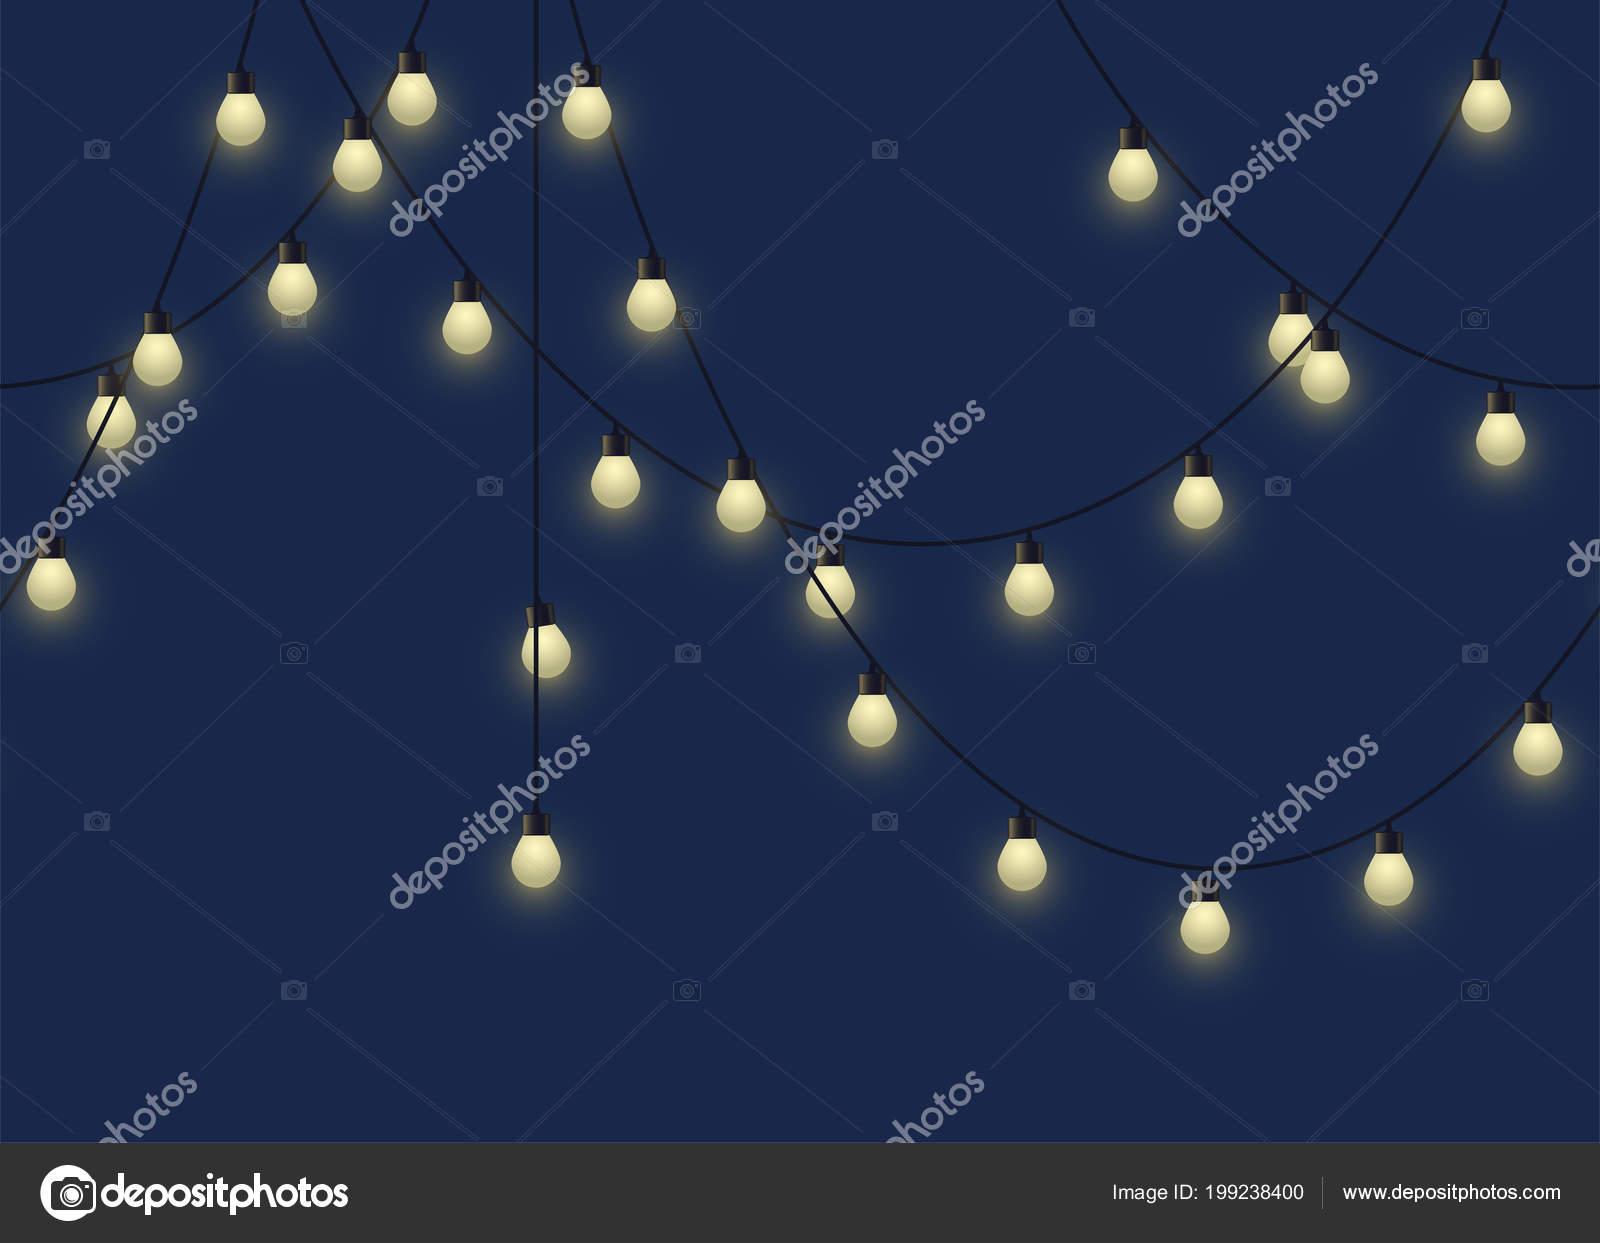 D'ampoule Lumineuse Sur Guirlande Sur Rougeoyantedécoratif Lumineuse Guirlande Sur D'ampoule Rougeoyantedécoratif D'ampoule UzVMGLqSp